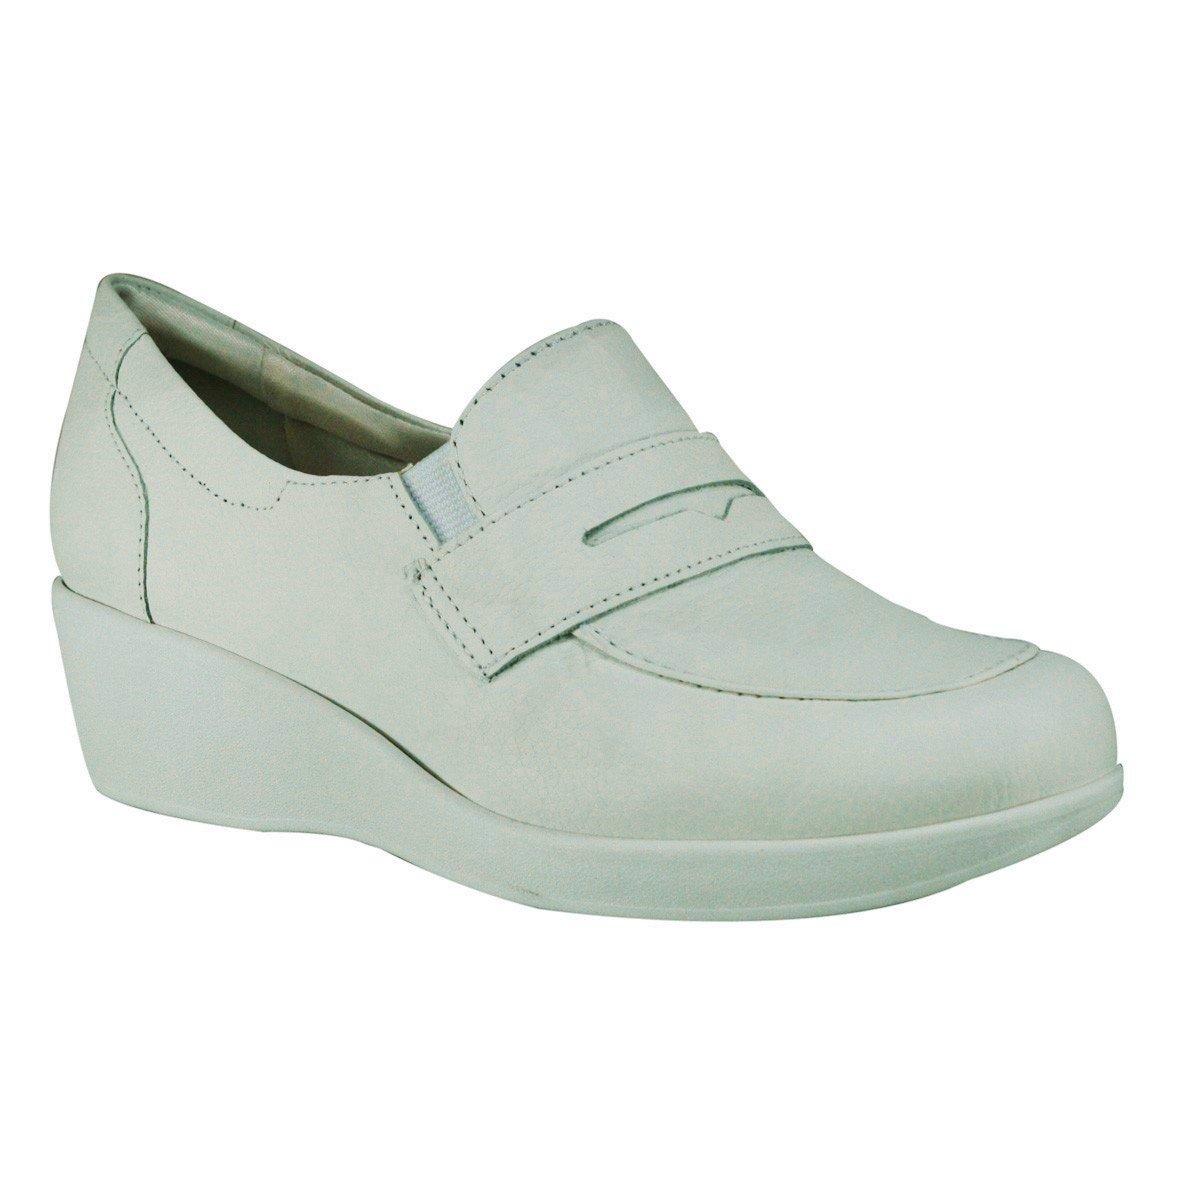 76d441e636 Sapato Usaflex Pró-Conforto L3202 - Branco (Cabra Soft) - Calçados ...